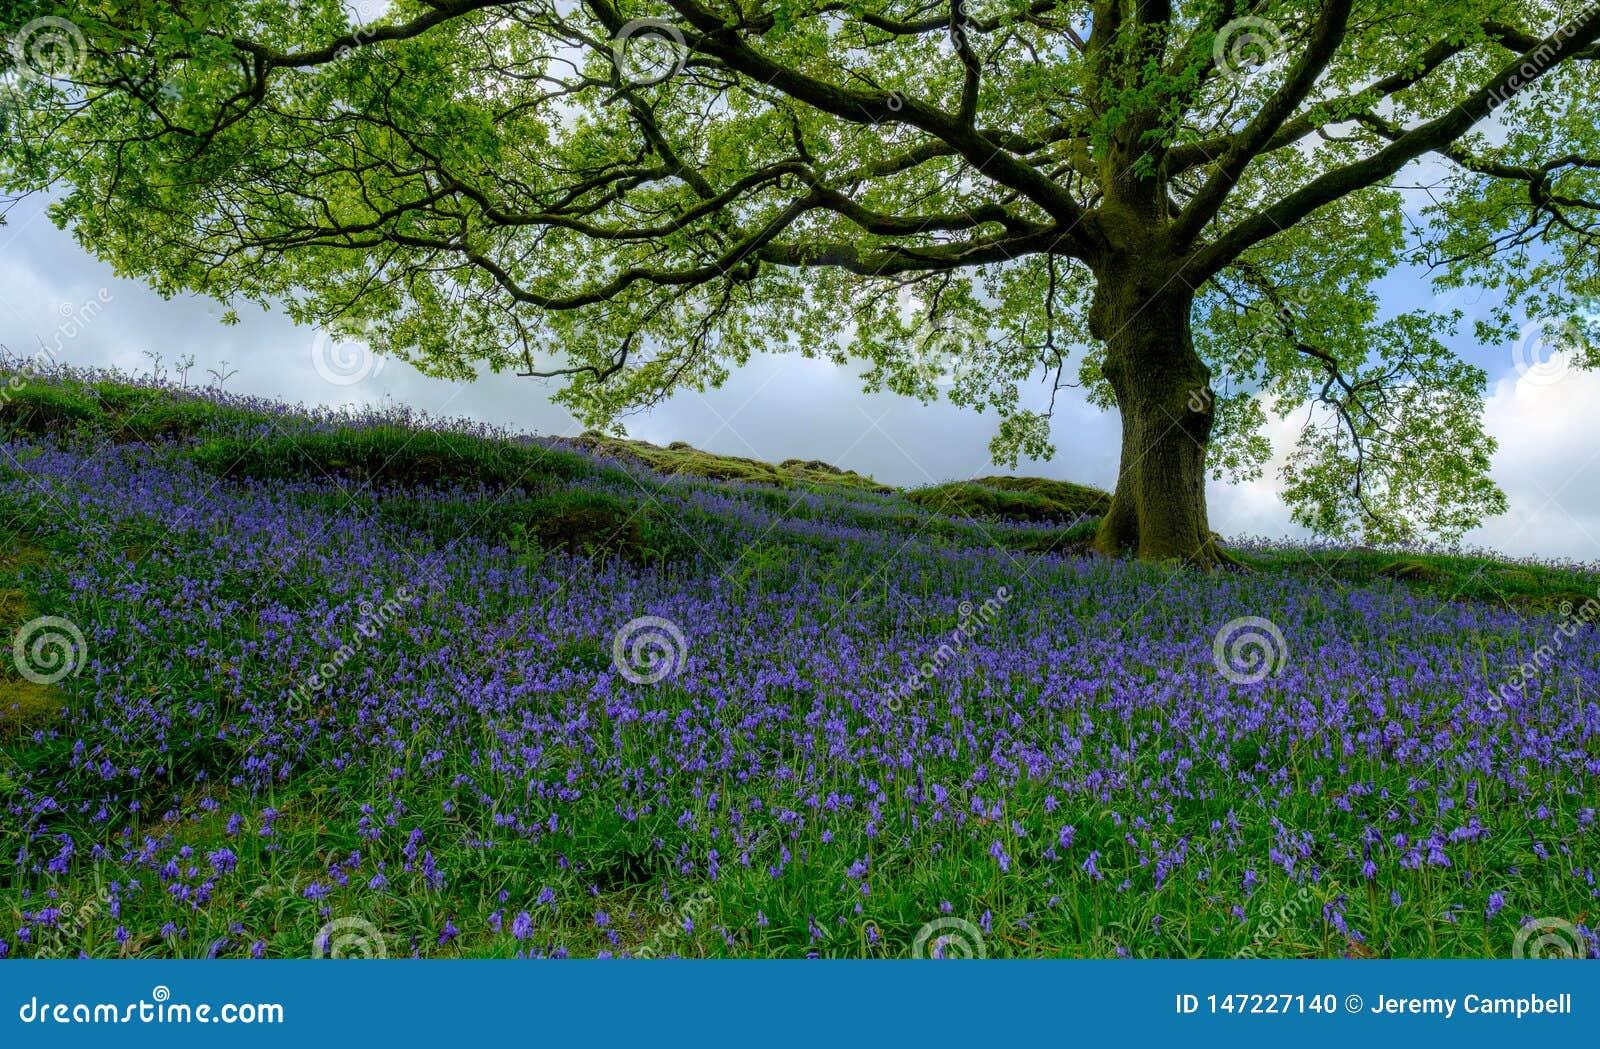 会开蓝色钟形花的草在橡树下